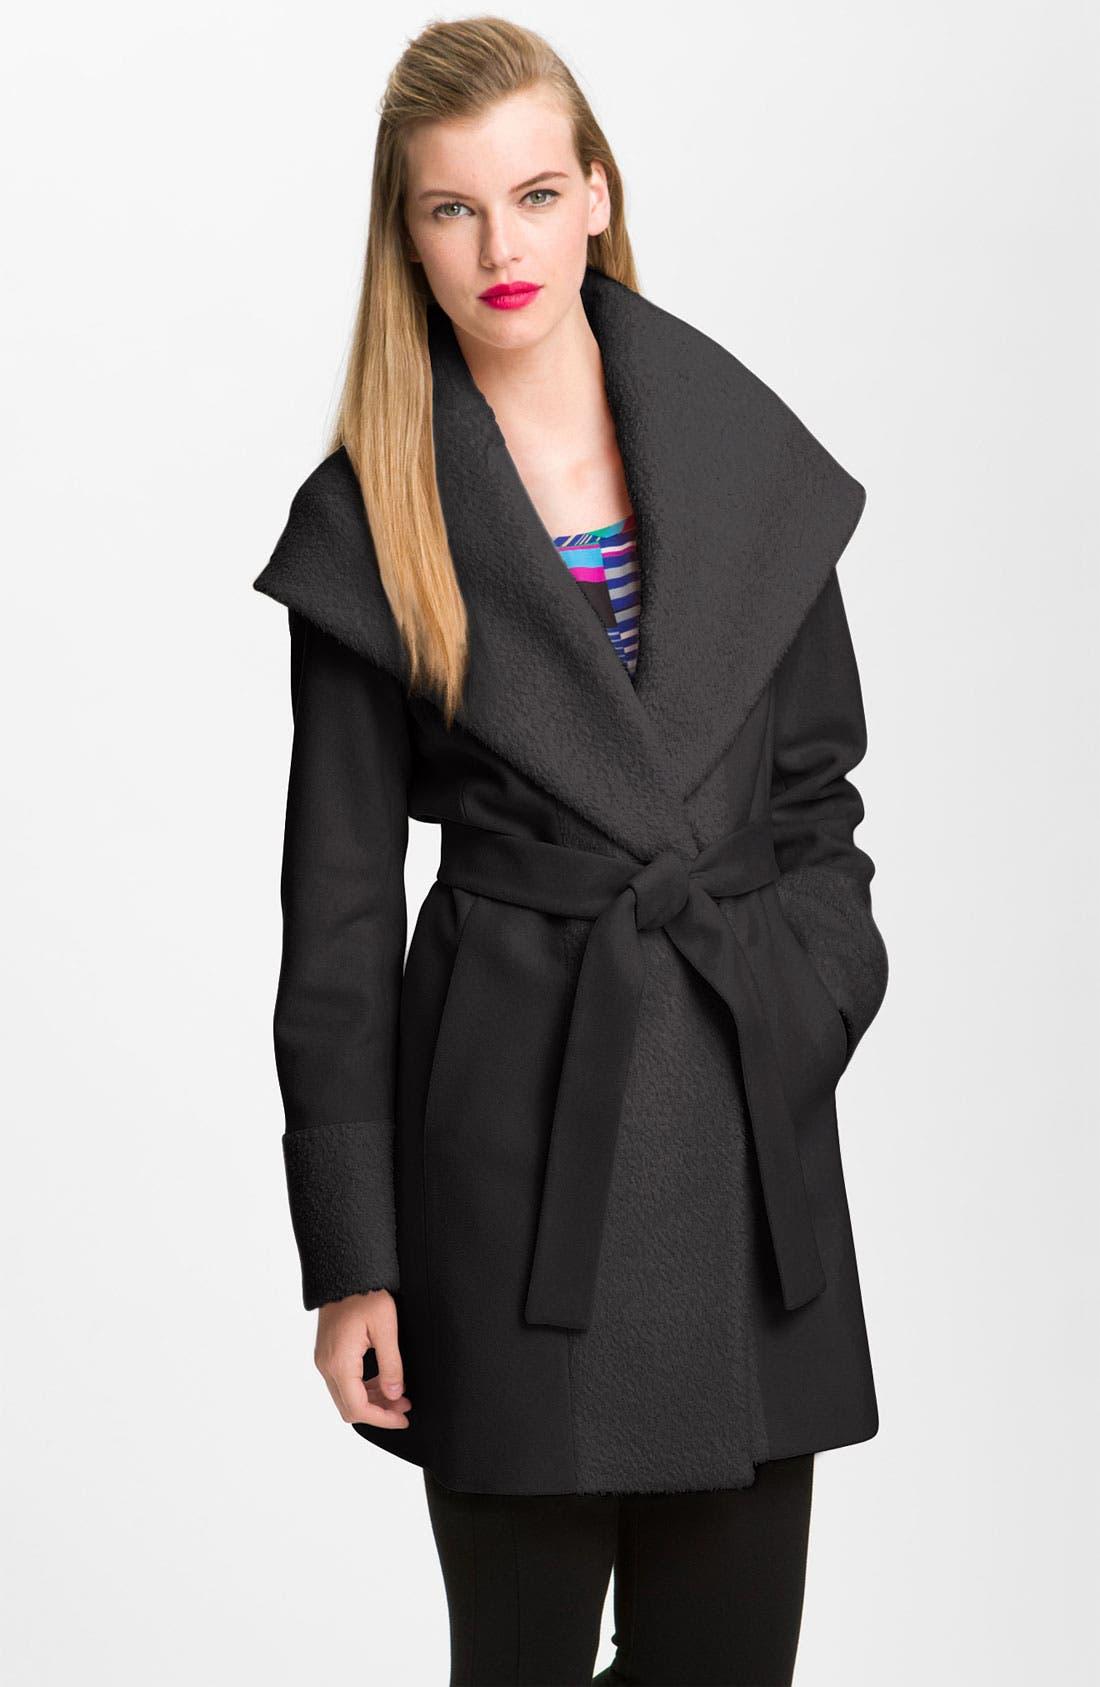 Alternate Image 1 Selected - Trina Turk Wool & Alpaca Blend Wrap Coat (Online Exclusive)